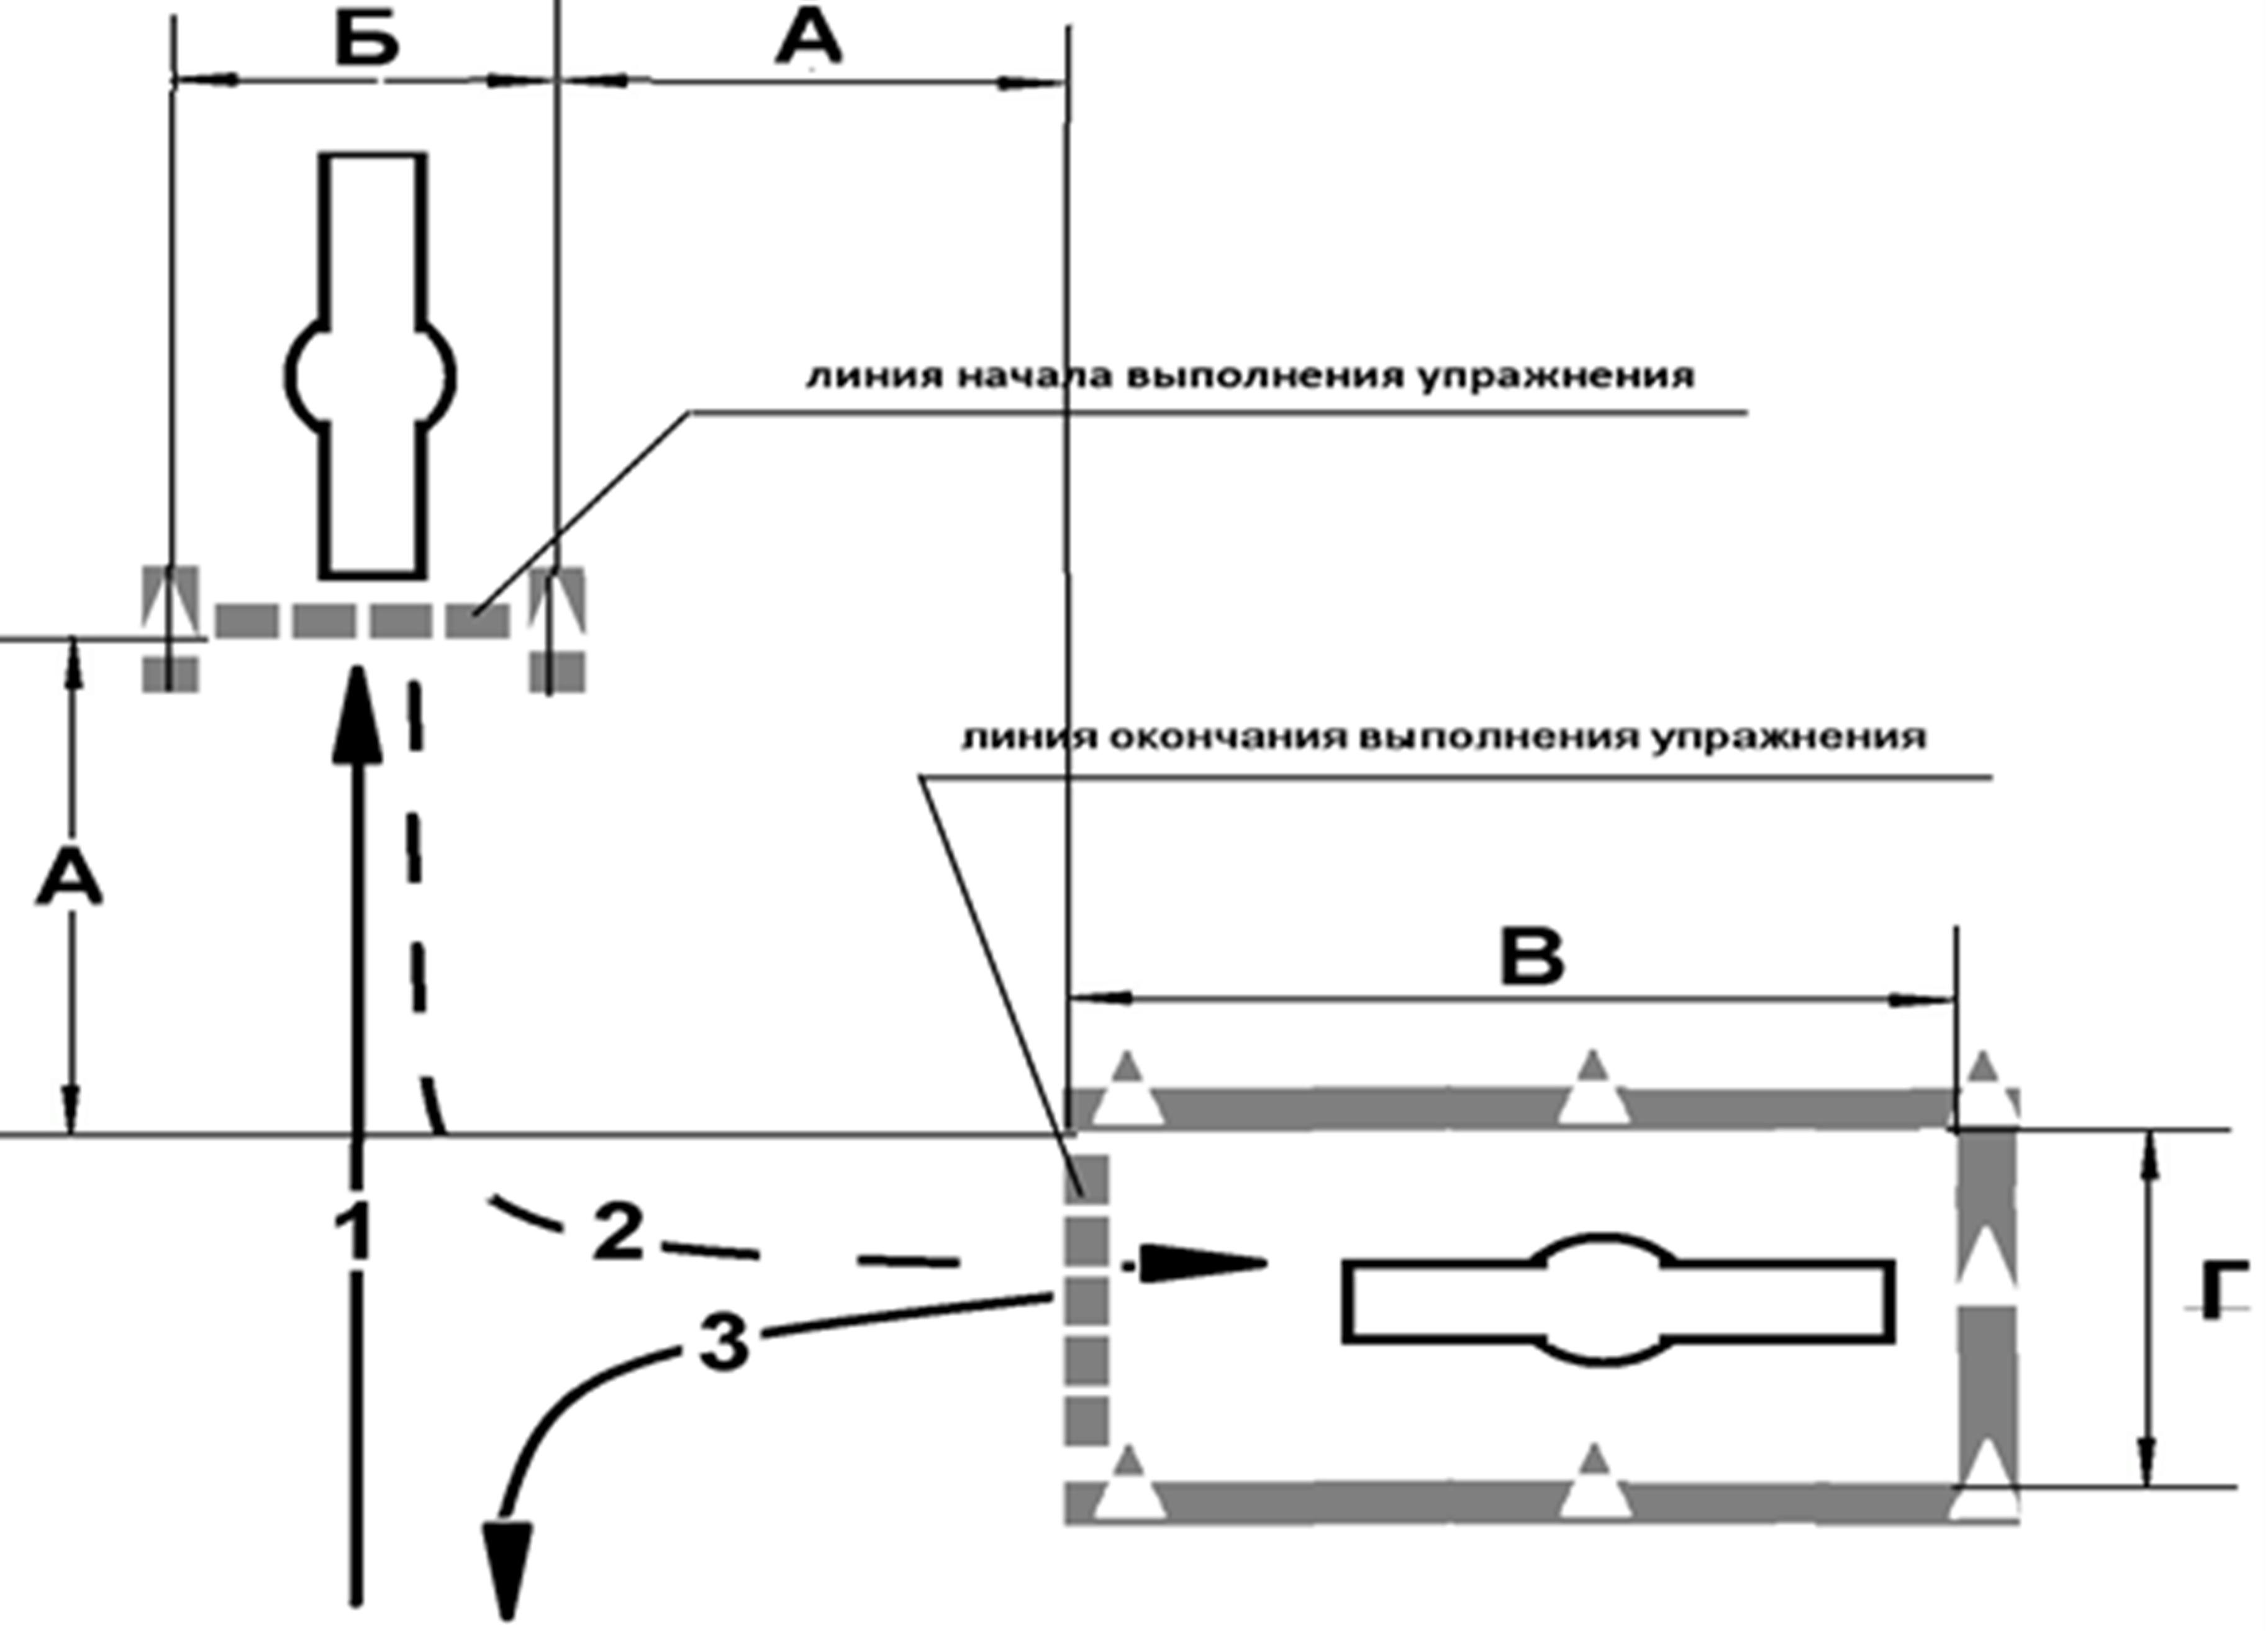 Экзамен ГИБДД к. А на мотоцикле, площадка - Парковка транспортного средства и выезд с парковочного места